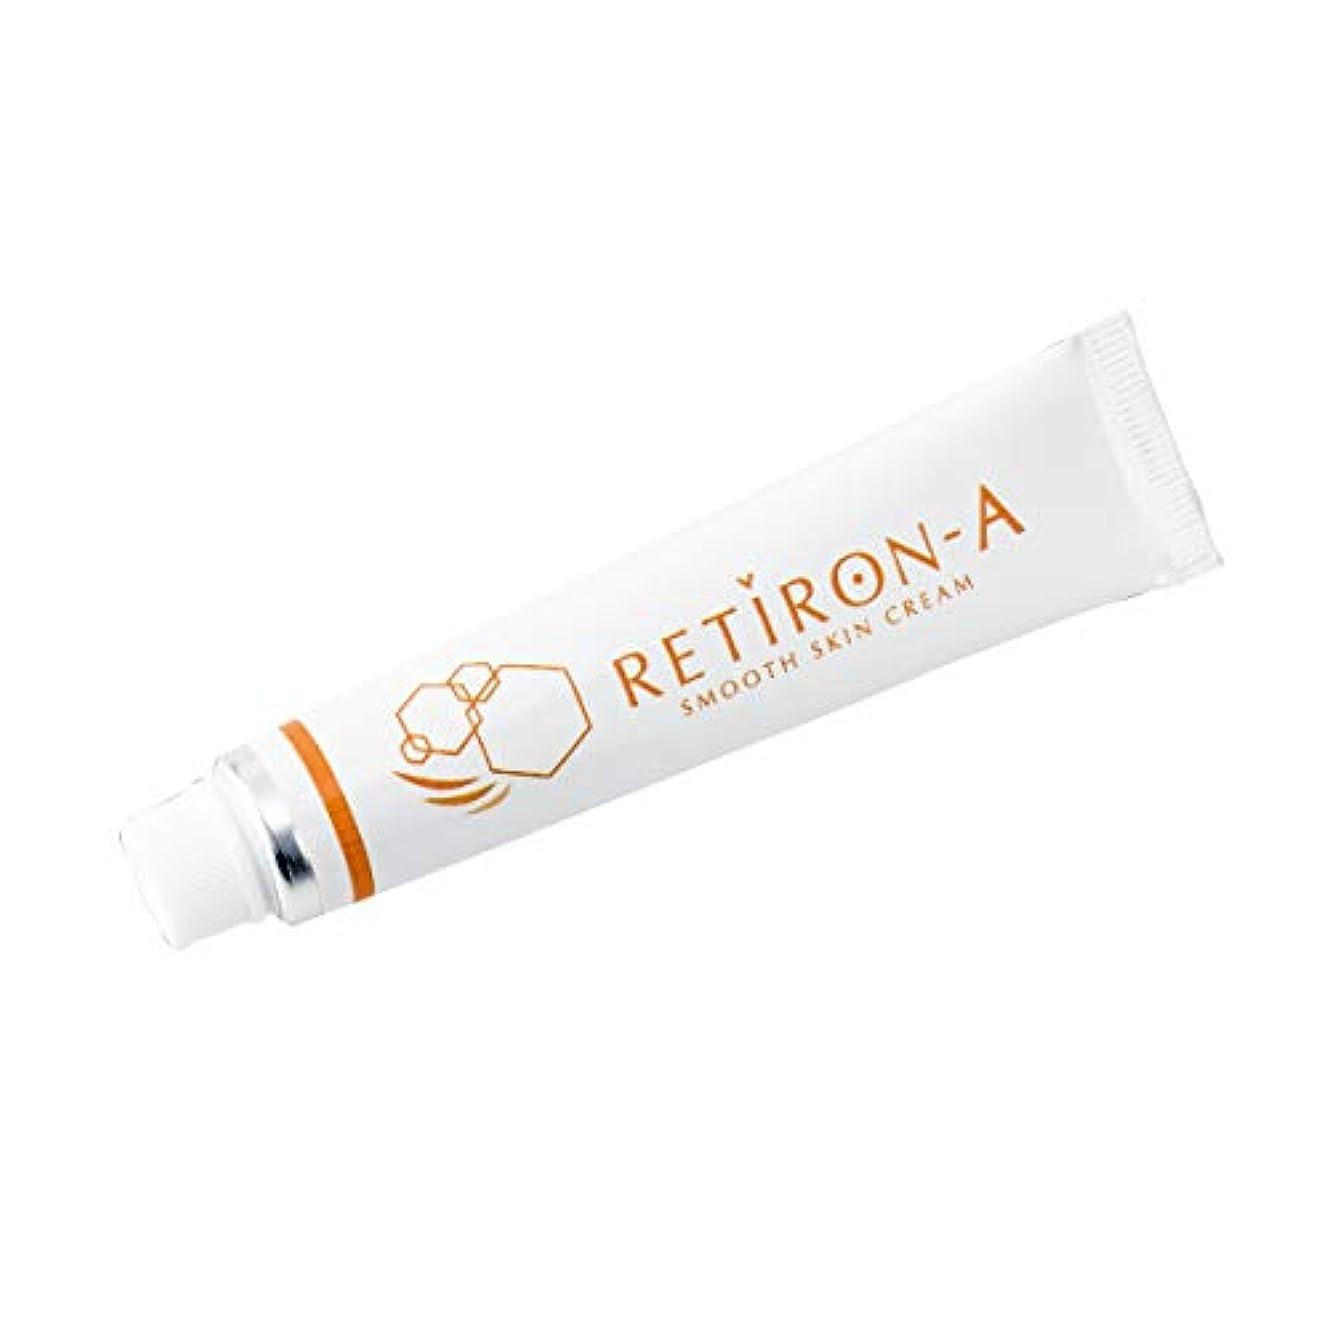 十年フィットめまいがクリーム 化粧品 レチノール配合 レチロンA パラベンフリー